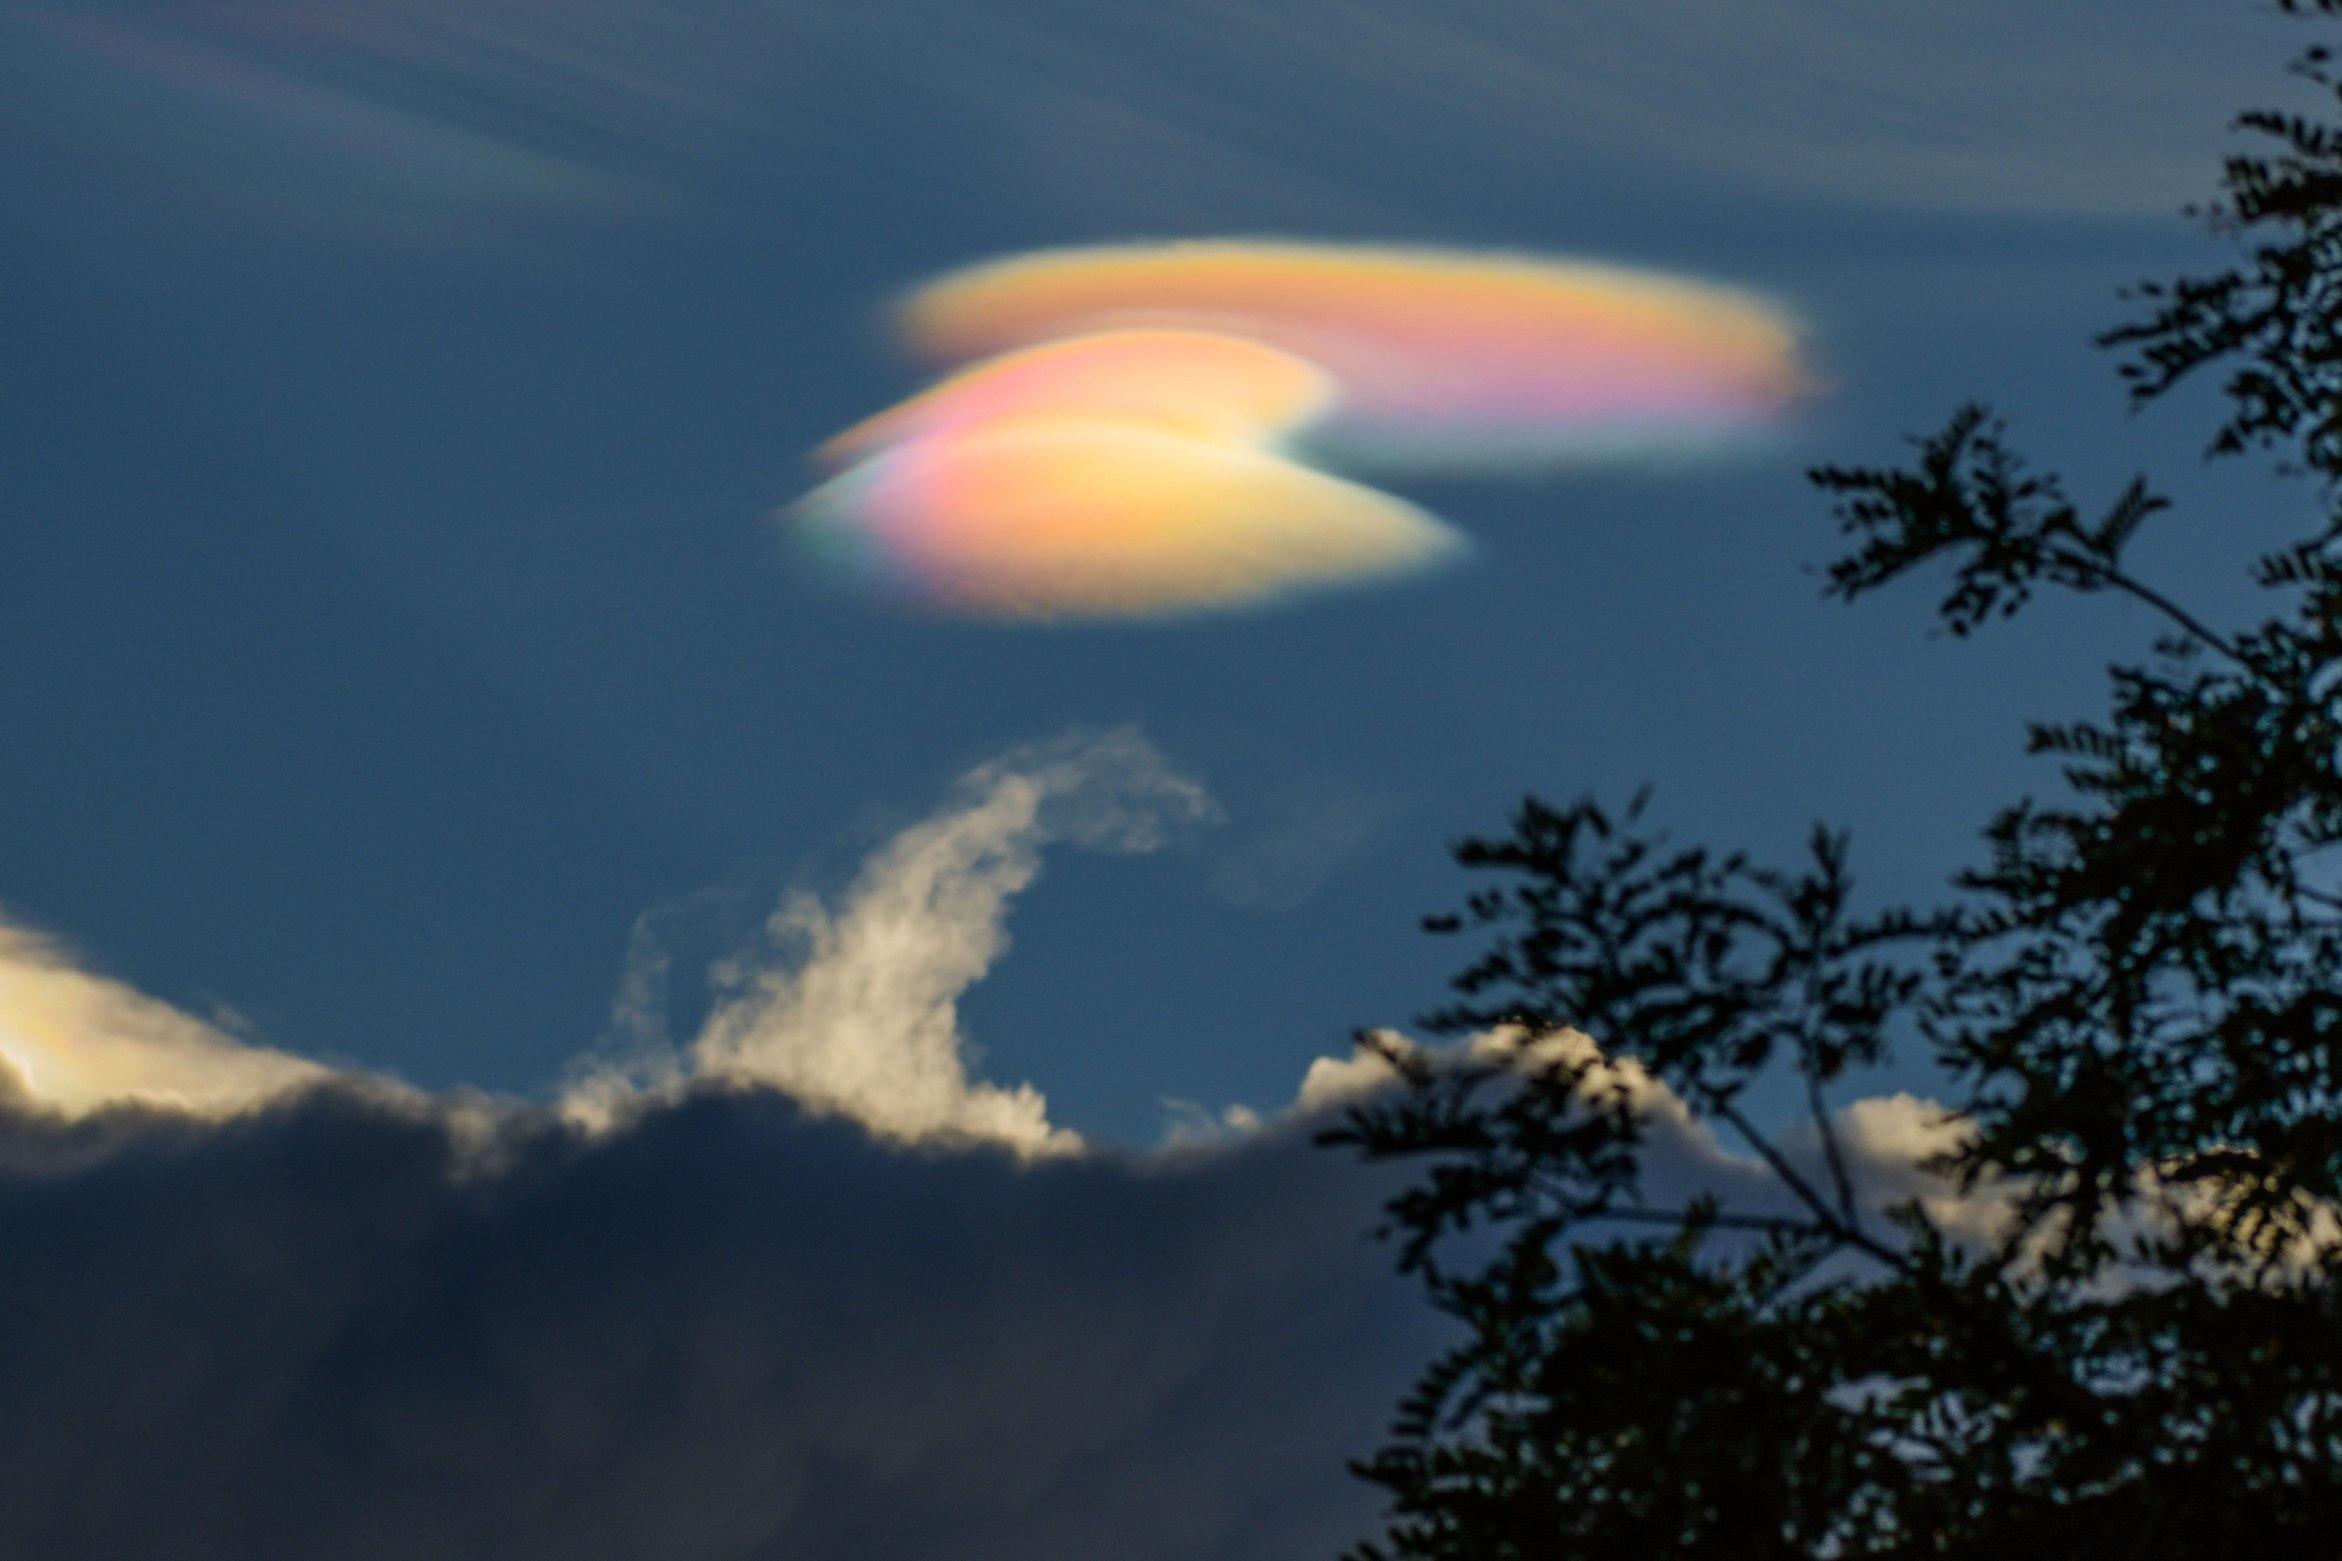 Leo Caldas on February 27 2018 Brasilia Brazil Радужное сияние иризации облака перламутра.Радуга сияния стихия воздух Облака цвета перламутр перламутровые Радужные облака — довольно редкое оптическое явление, при котором очень тонкие облака, находящиеся вблизи Солнца, окрашиваются в спектральные цвета. Обычно эти цвета пастельные, бледные, но при определенных условиях могут быть и очень яркими. Симпсон справедливо указал на то, что иризация является наиболее распространенным видом венцов — оптического явления, связанного с дифракцией света на каплях переохлажденной воды в облаках и образованием цветных кругов в облачной пелене вокруг Солнца. По своей сути, радужные облака — это части несостоявшихся венцов . И если полноценные венцы в атмосфере встречаются крайне редко, то радужные облака увидеть можно почти каждому, главное — быть внимательным! Наблюдать за радужными облаками лучше всего в темных очках, чтобы не ослепнуть, ведь появляются они только вблизи Солнца, на расстоянии около 3–15°, в отдельных случаях до 30°. Но если светило скрыто за чем-то (за другим облаком, за горой и т. д.), то иризацию можно увидеть и невооруженным глазом.